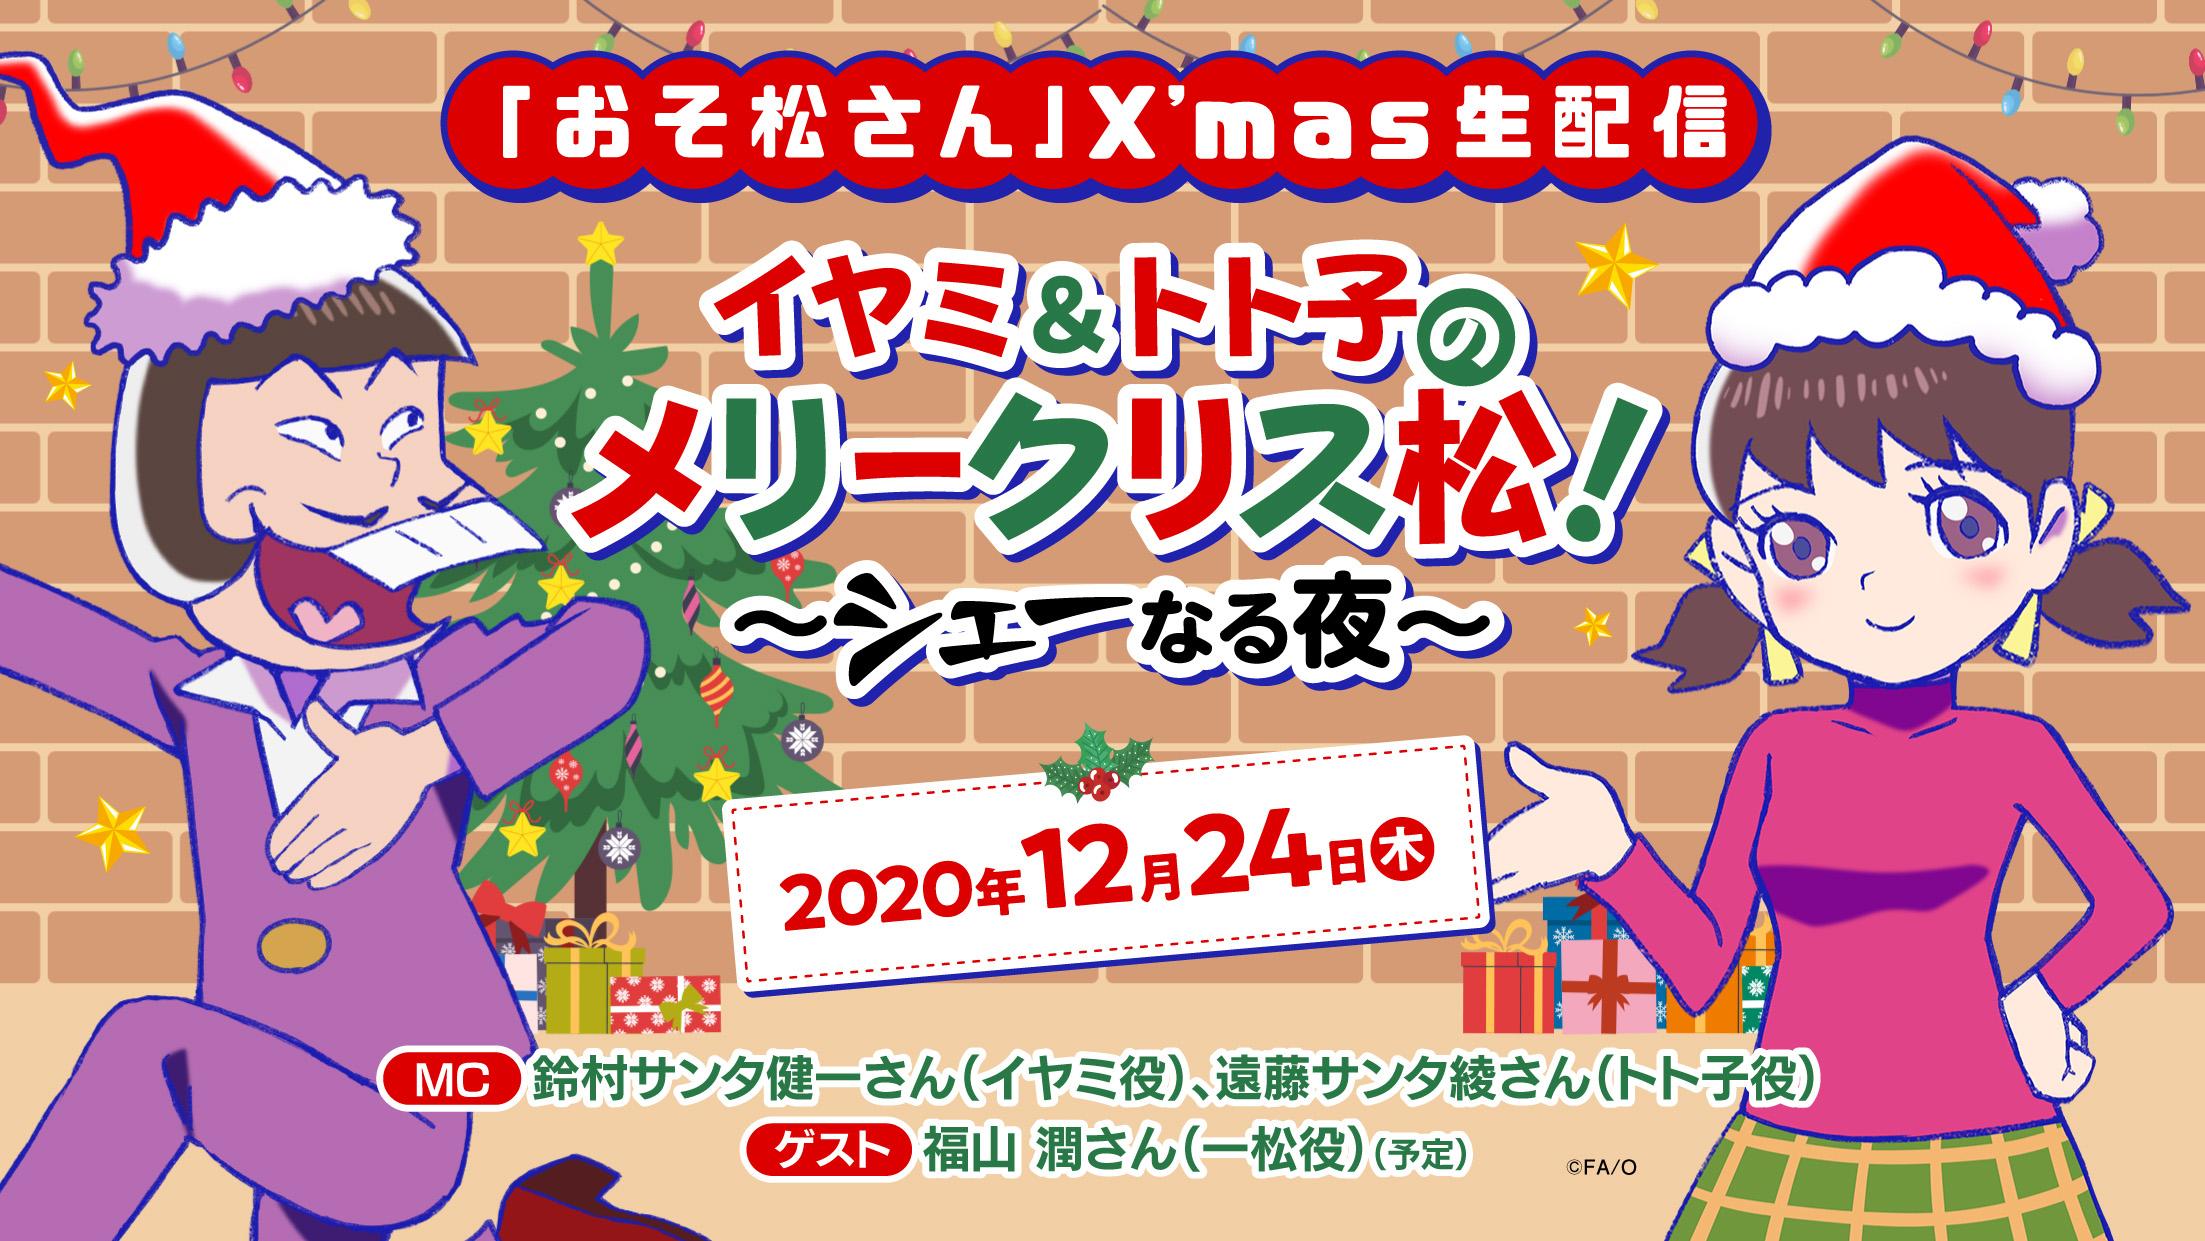 「おそ松さん」クリスマスイブに生配信決定!ゲストは福山潤さん、MCは鈴村健一さん&遠藤綾さん